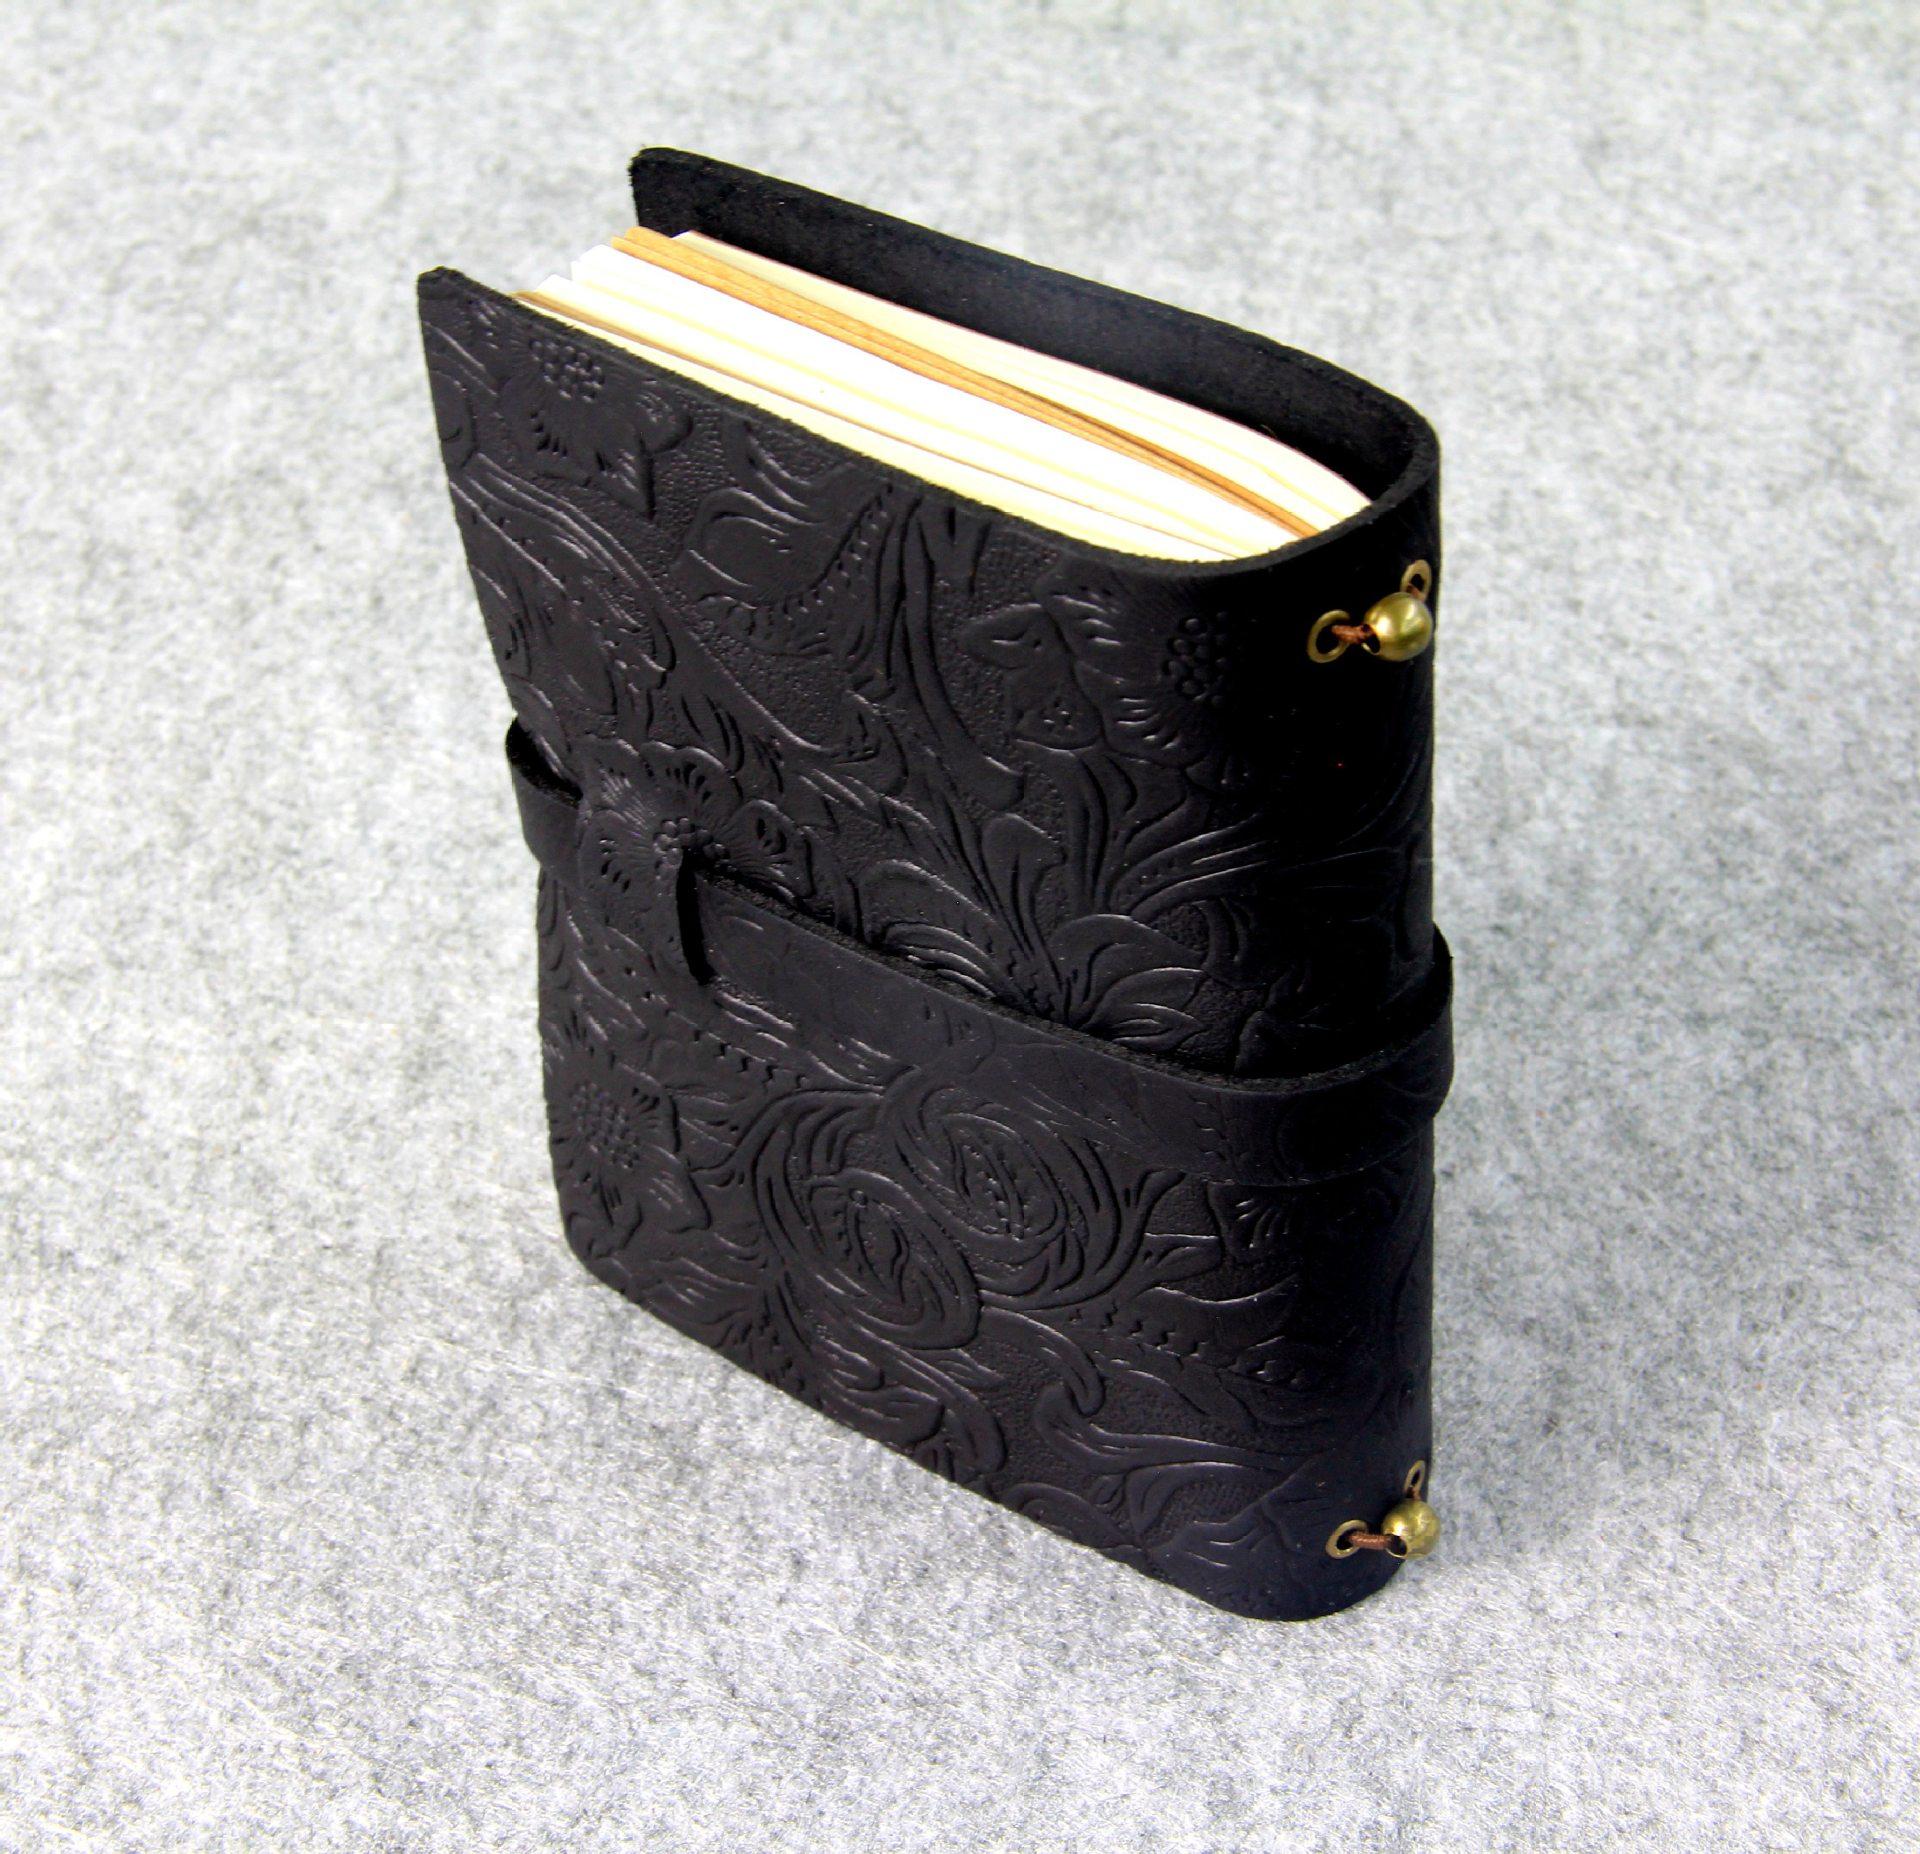 Γνήσιο Δερμάτινο Notebook Ταξιδιώτες - Σημειωματάρια - Φωτογραφία 2